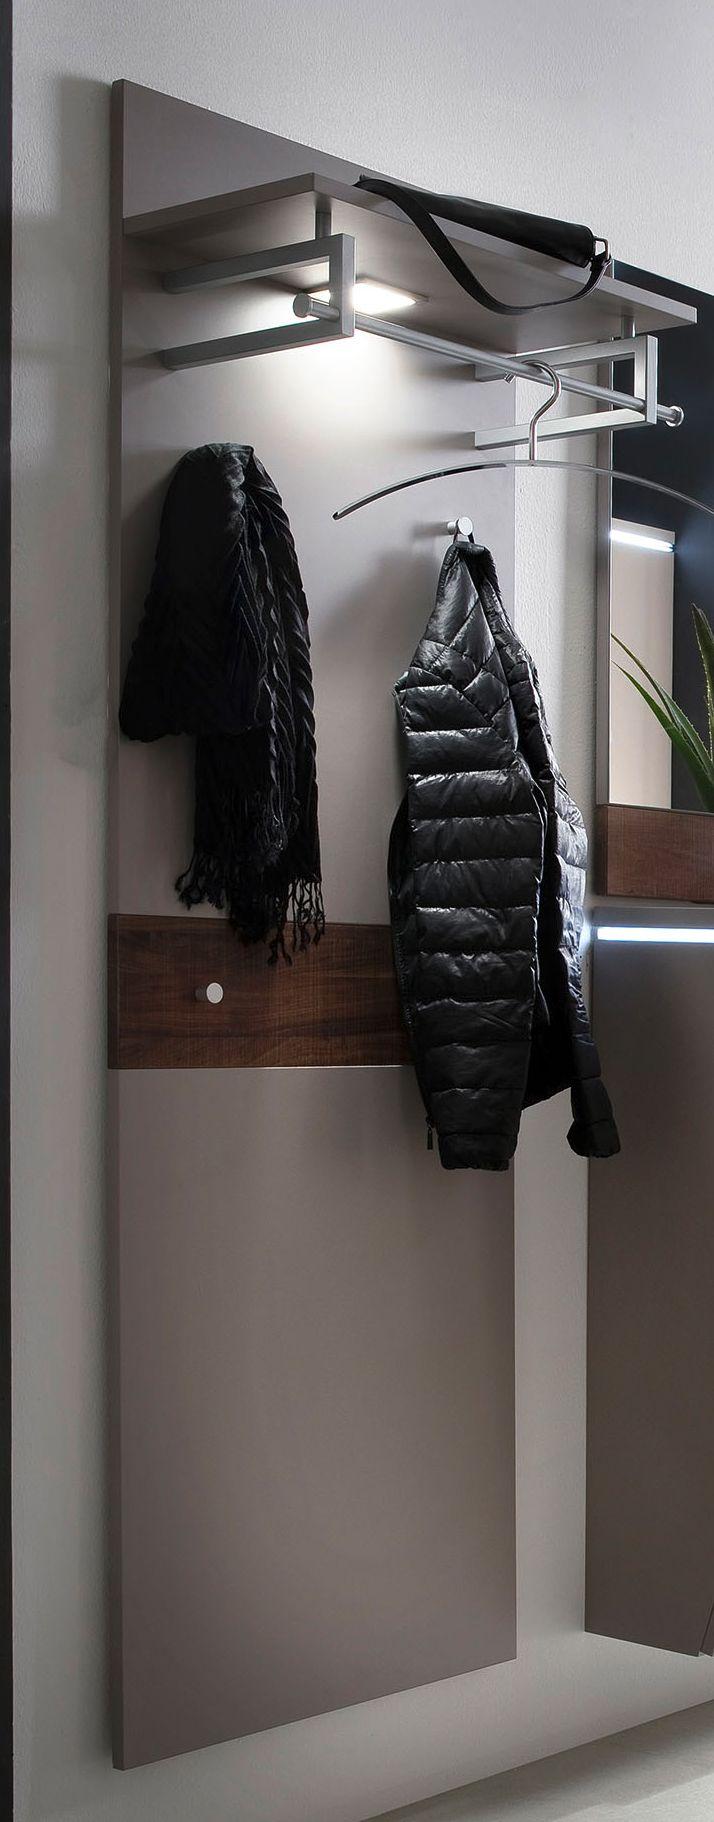 Garderobe Mondo Swing Garderobe Garderobe Schrank Und